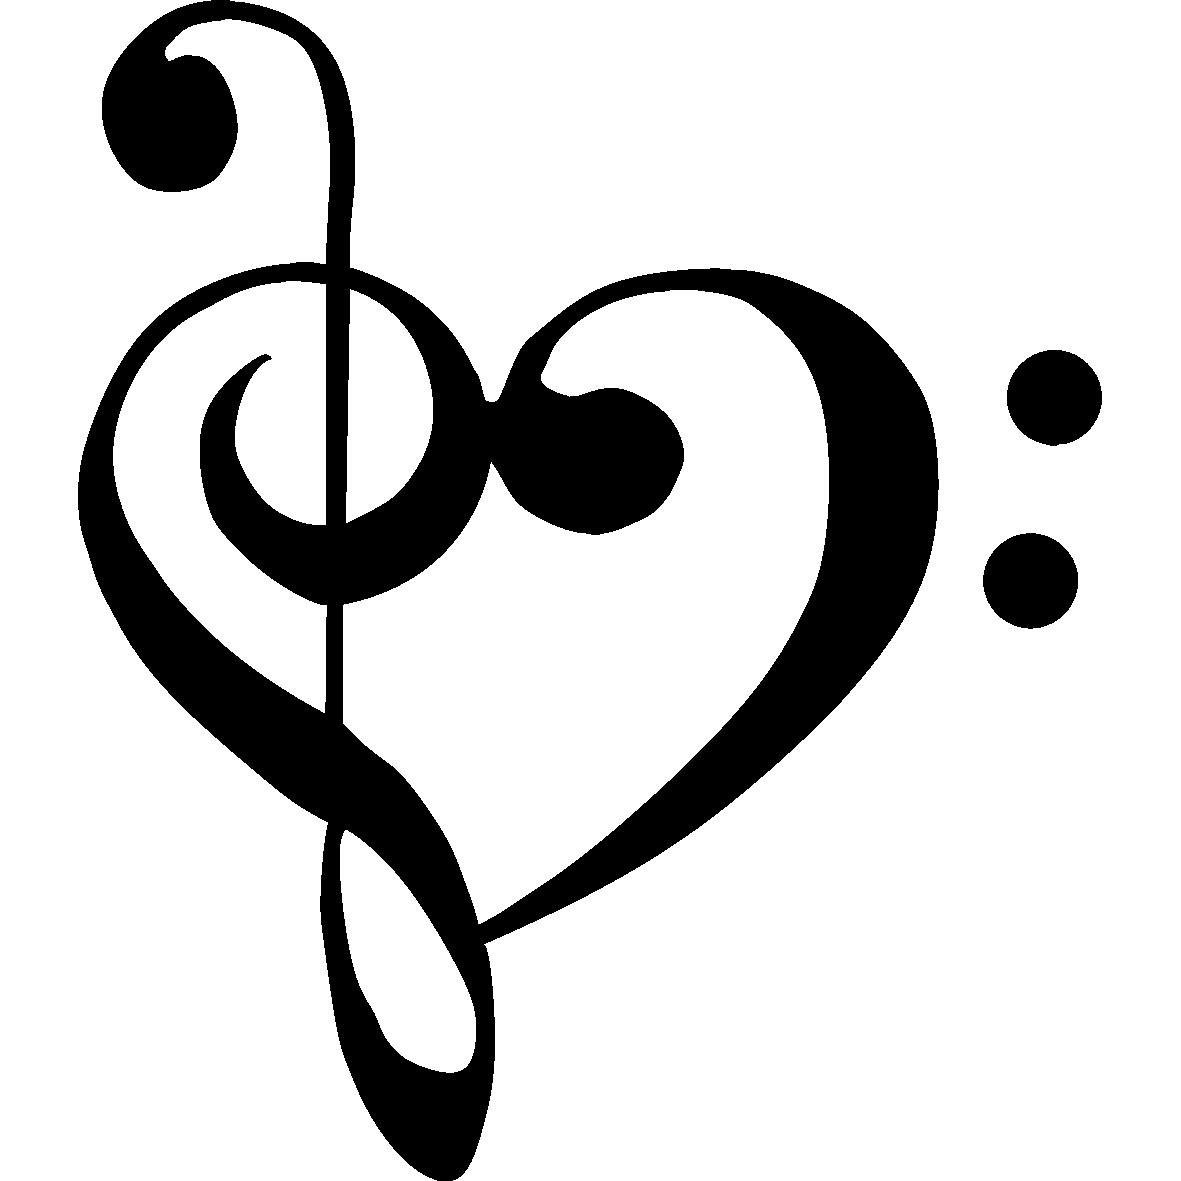 Heart clip art music.